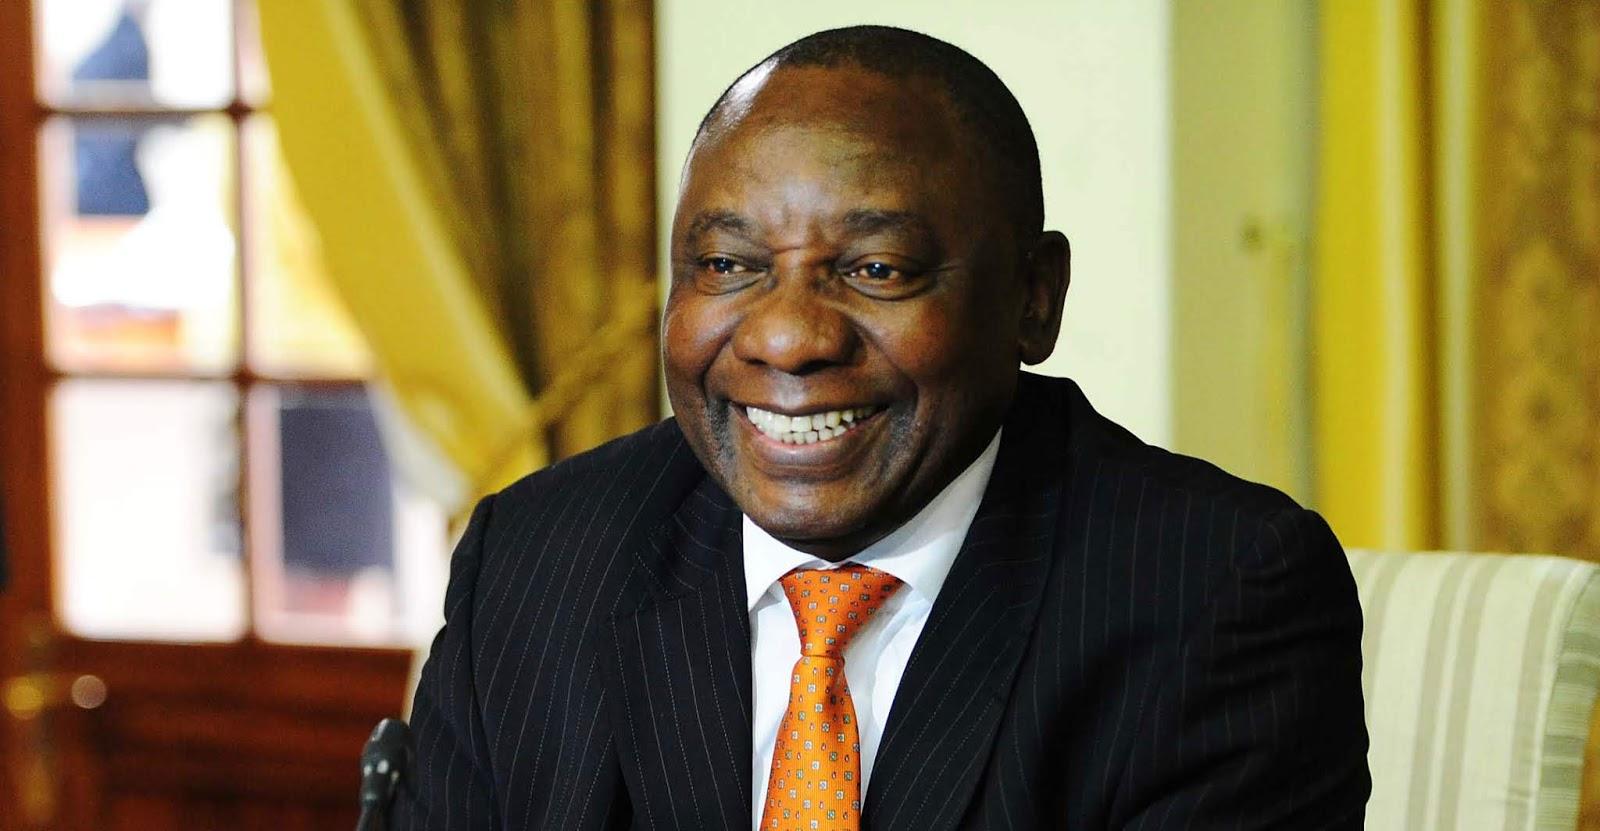 Prophecy - Zimbabwe Prophet Ian Ndlovu Warns Cyril Ramaphosa